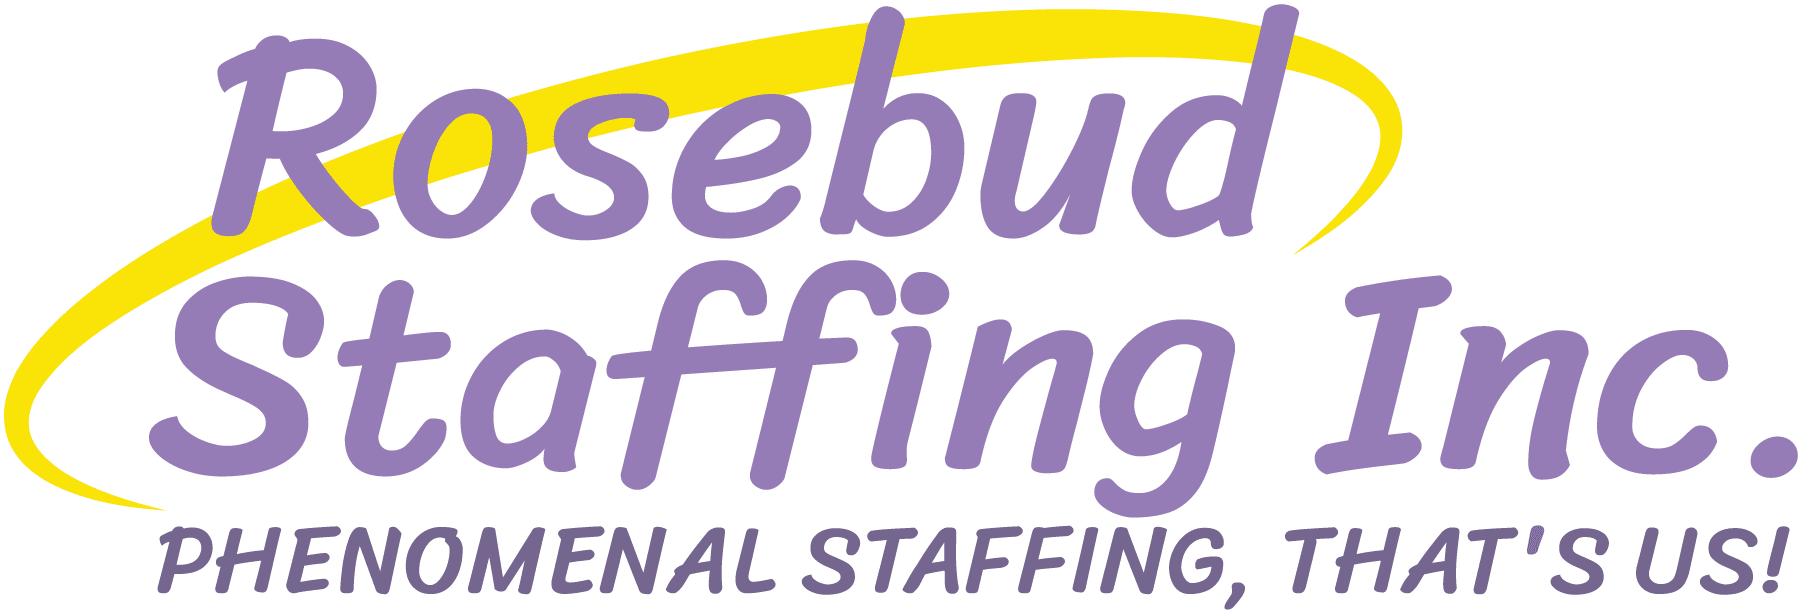 27b815af-0132-46ea-a853-75f448c735f8Rosebud-Staffing_Logo PNG